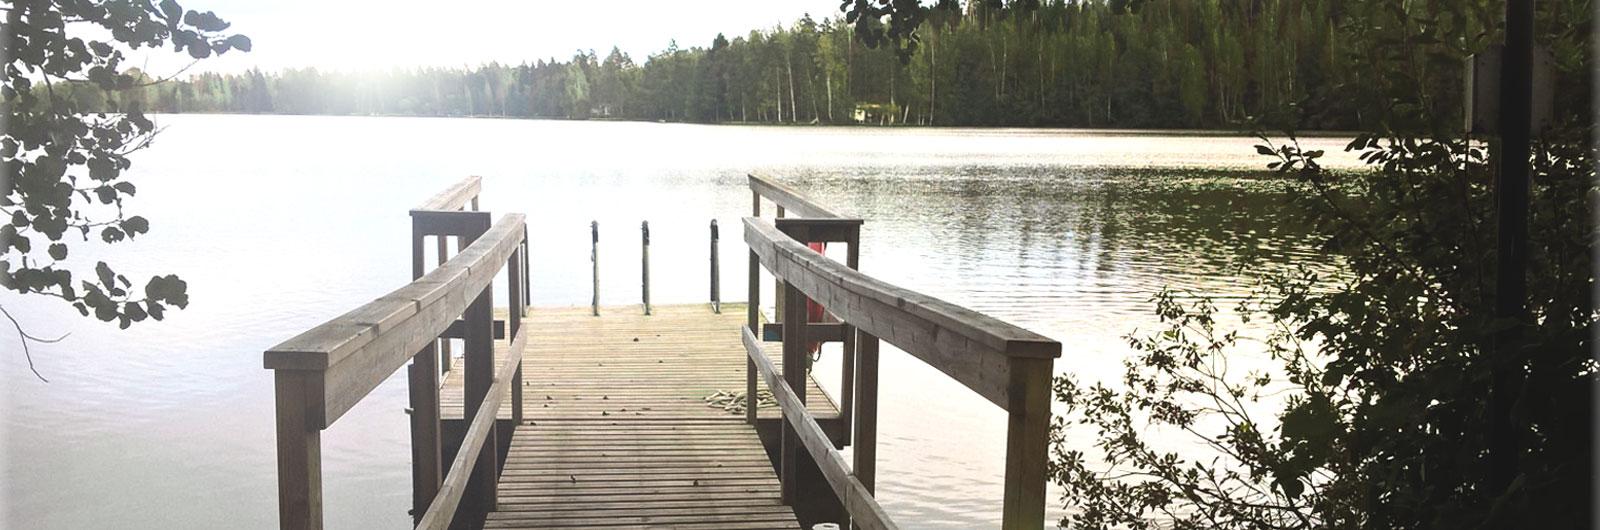 Laituri järven rannalla.